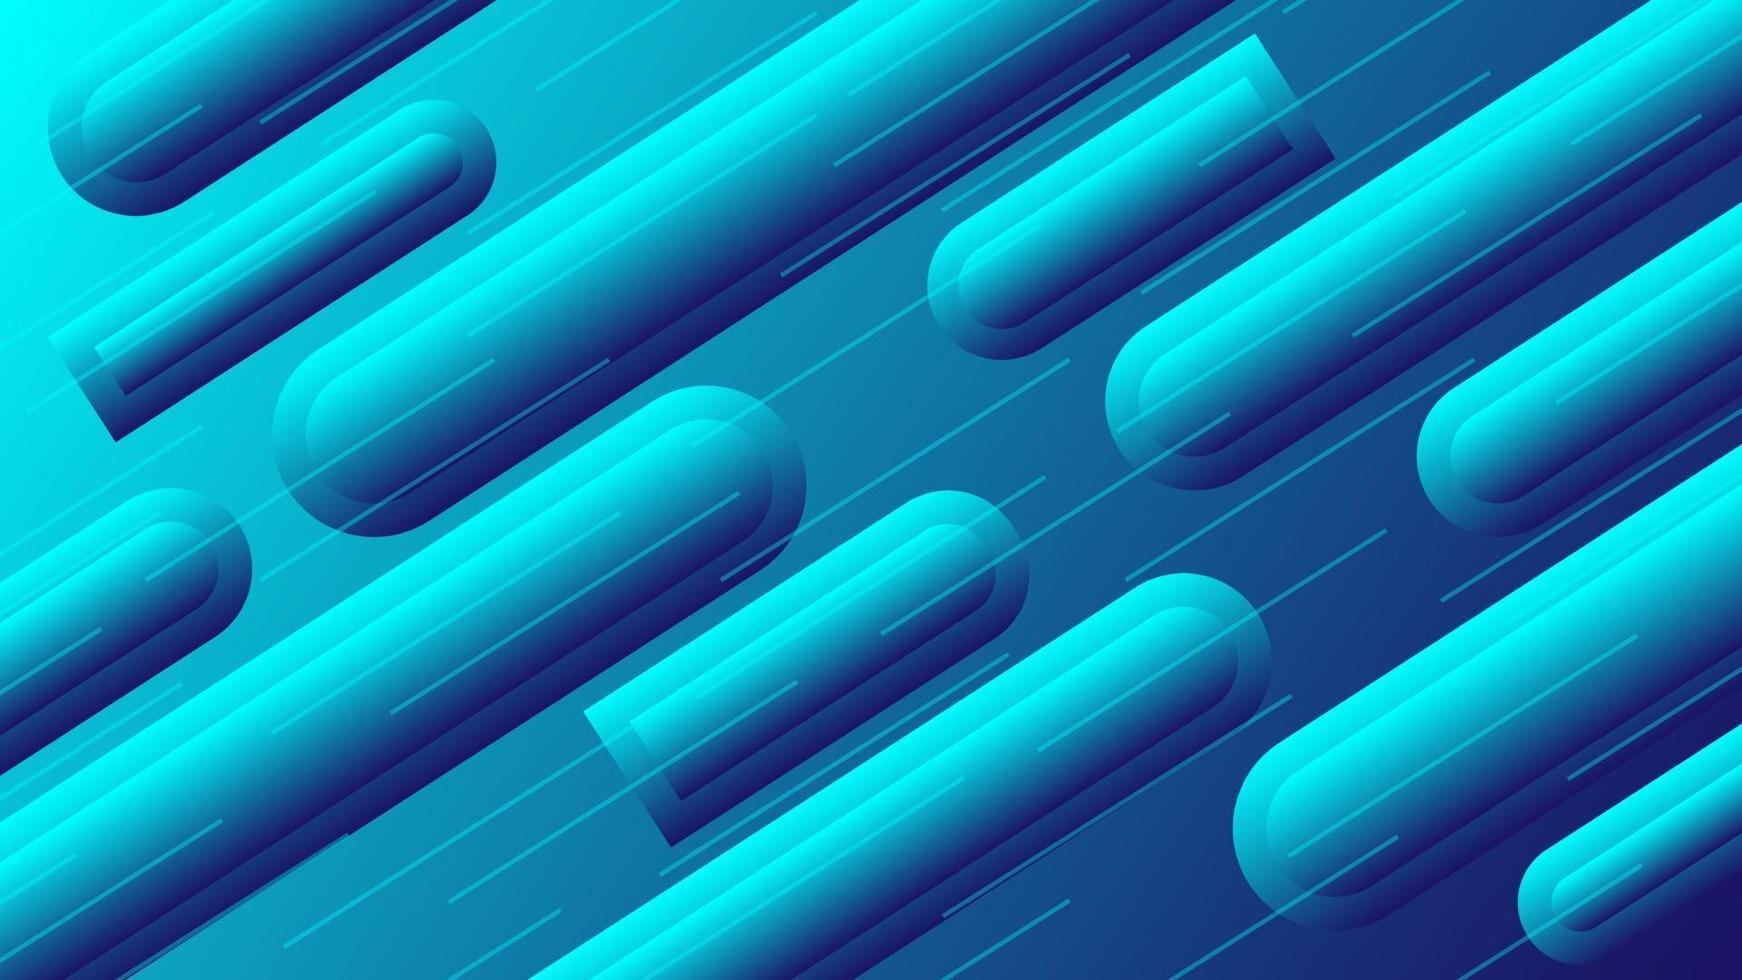 Tubo de tubo de fondo abstracto con efecto 3d envuelto en rayas azules vector